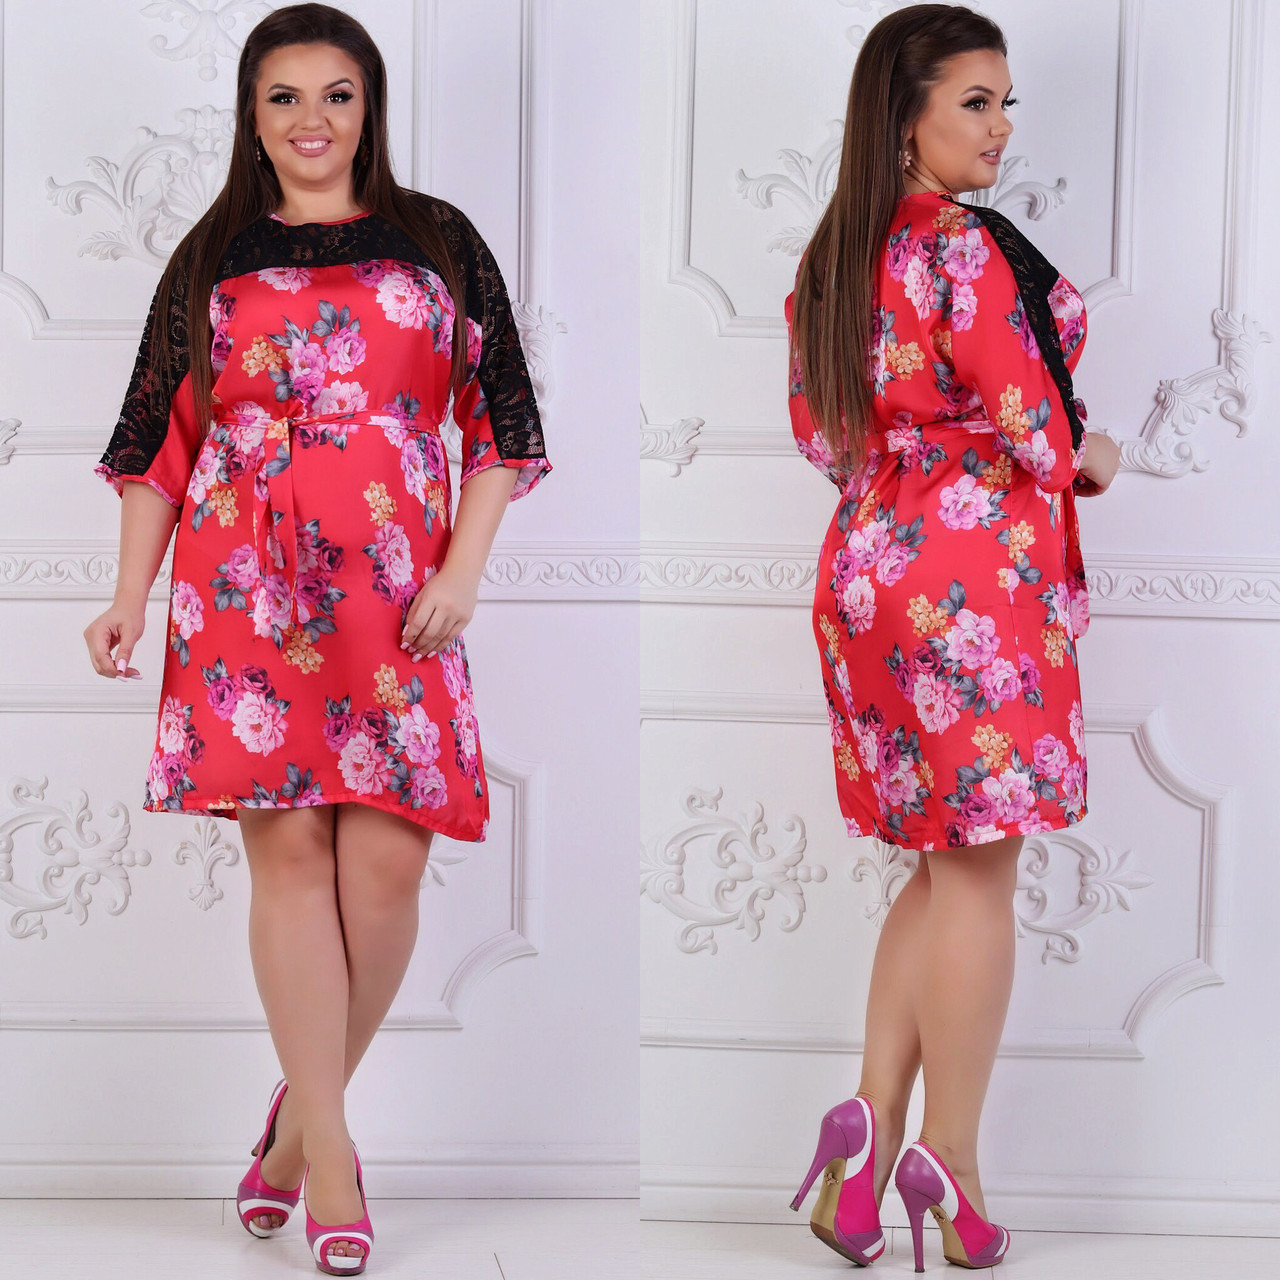 Платье больших размеров 48, 50, 52, 54, 56 с цветочным принтом из легкого атласа с кружевом   арт 240/3-126